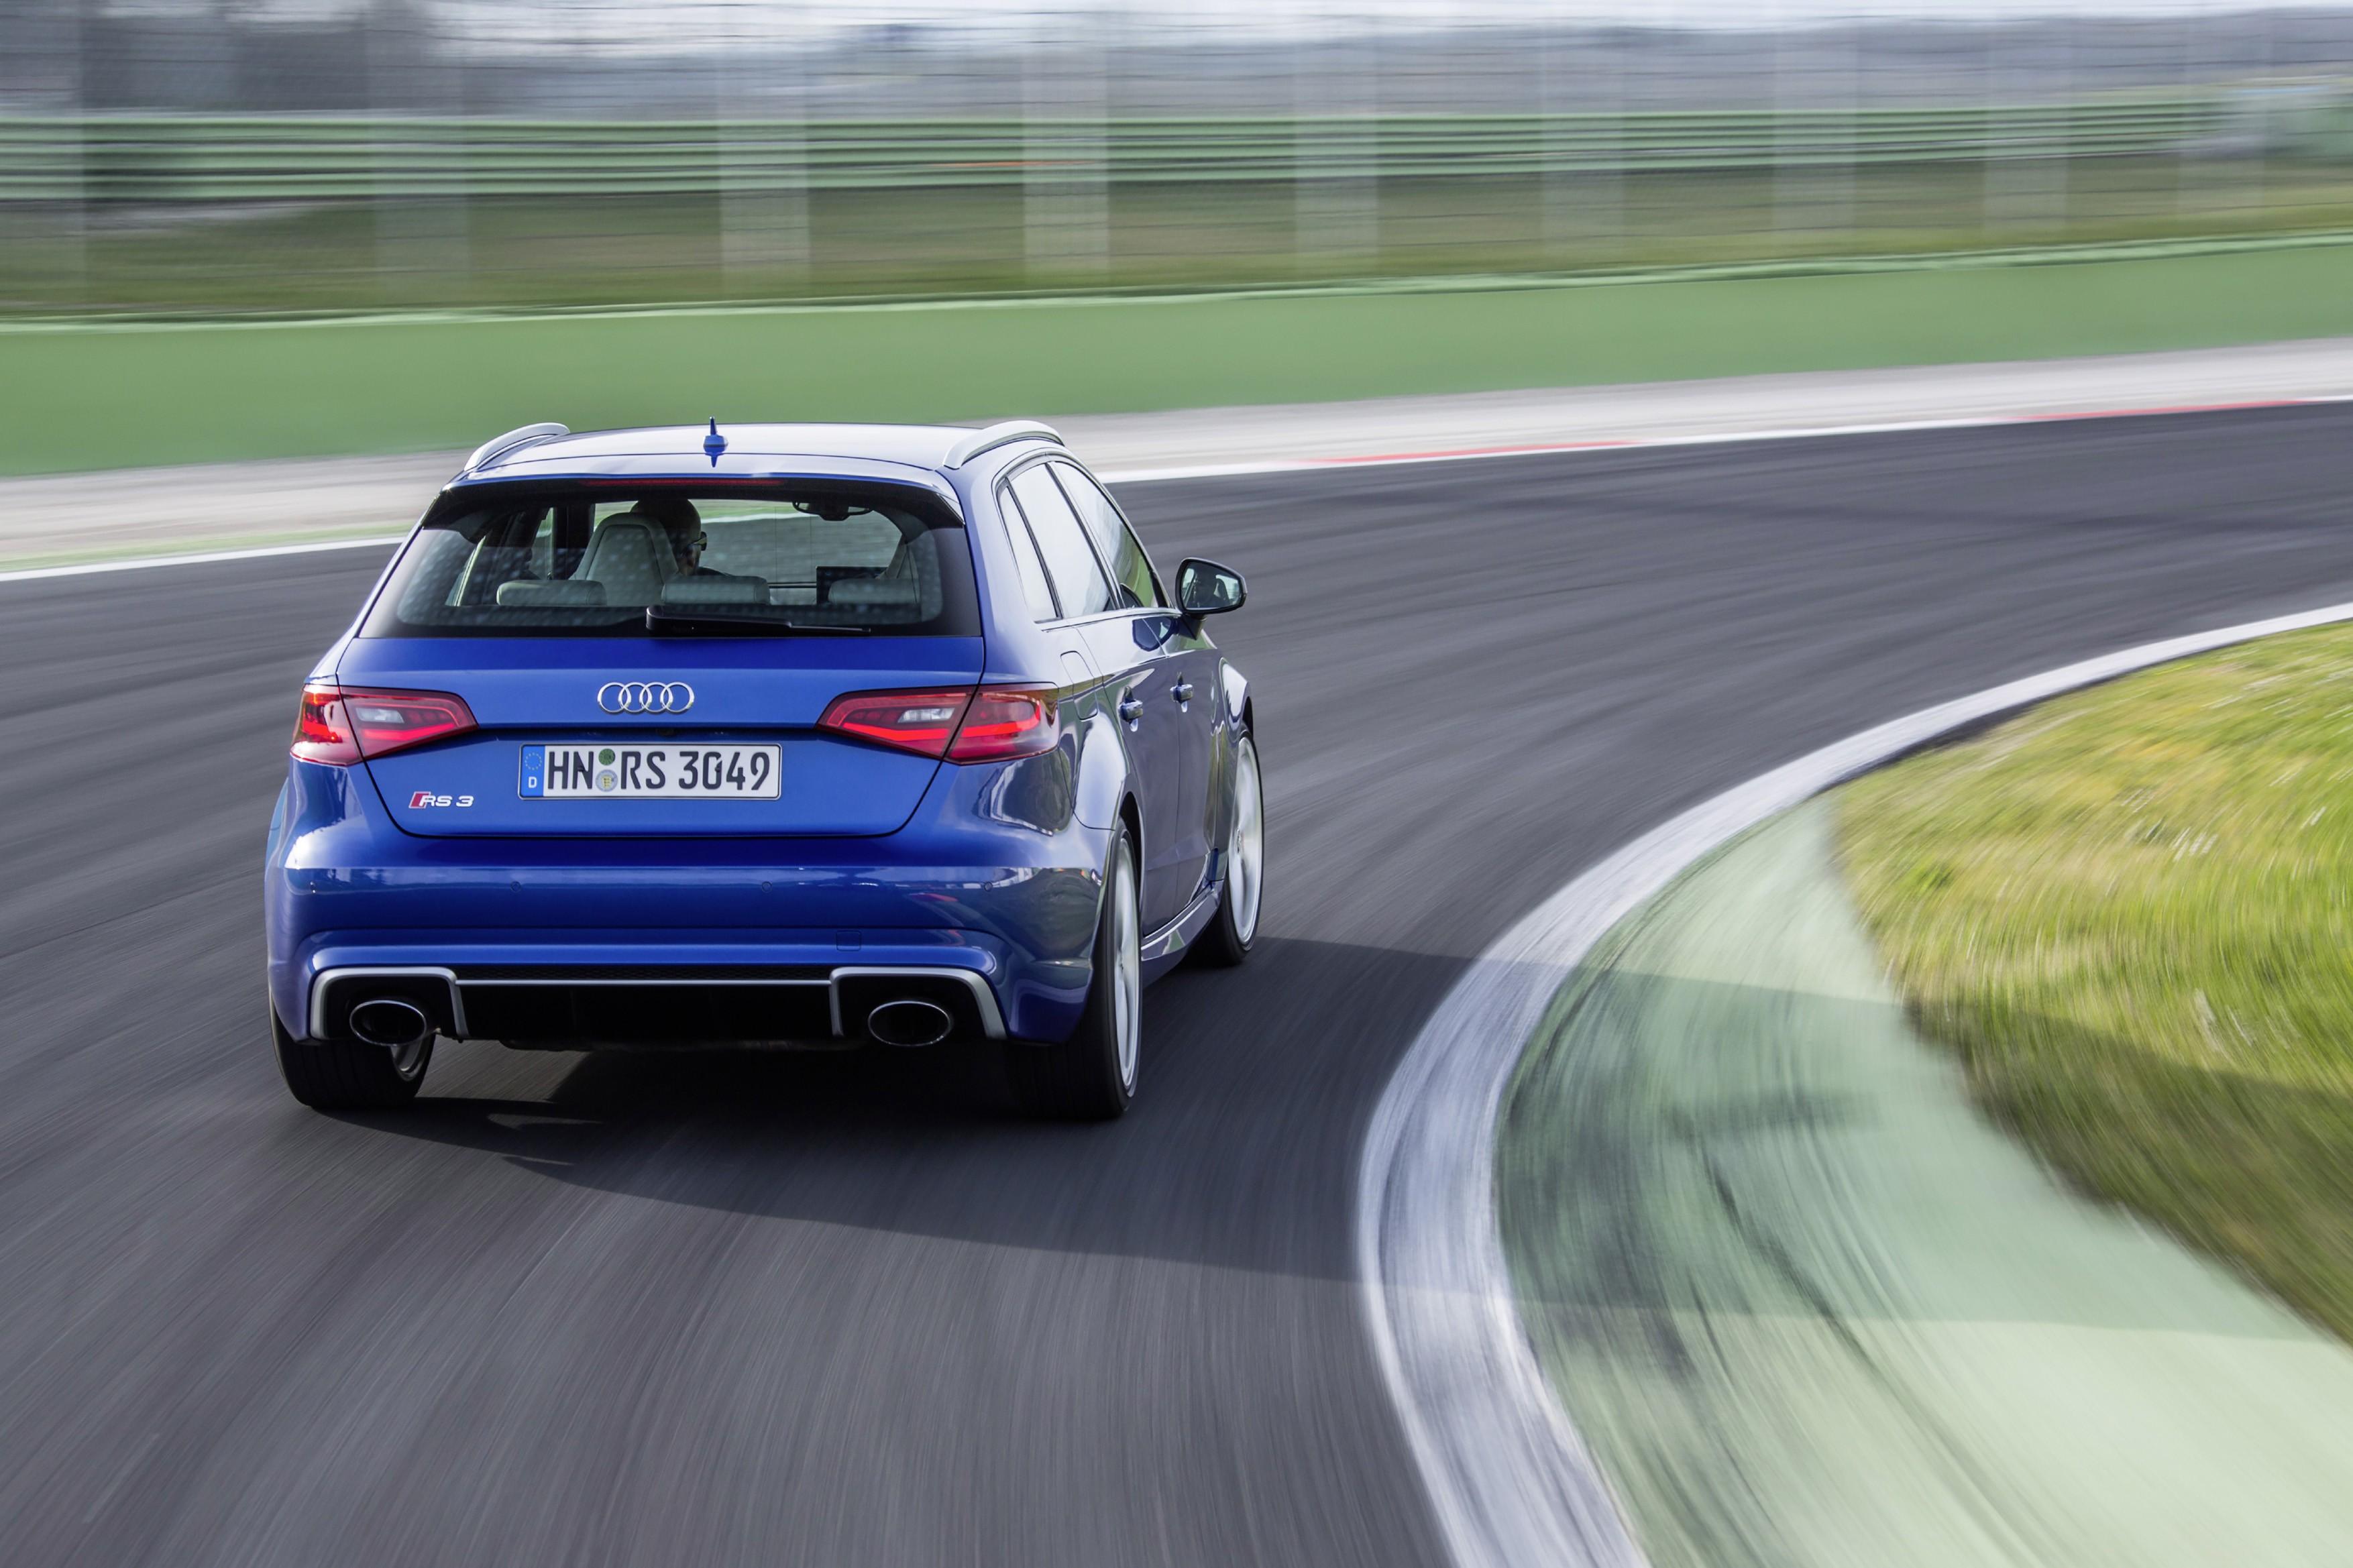 New 2015 Audi Rs3 Photos Show Nardo Grey Catalunya Red